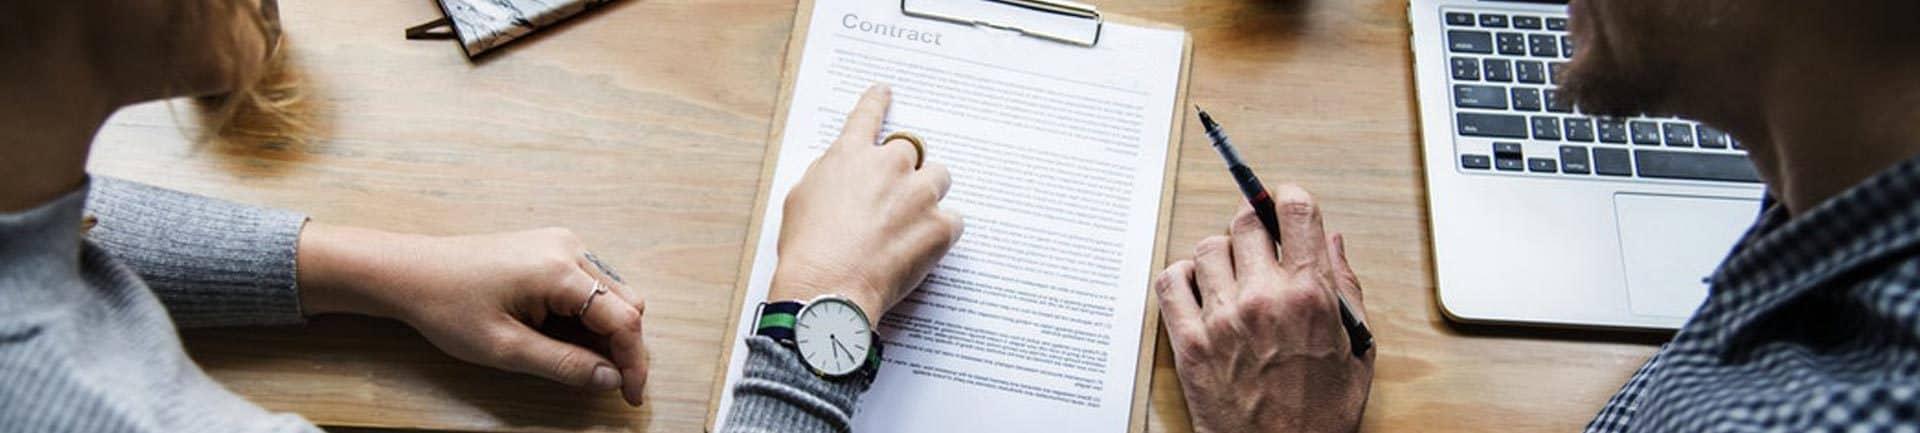 Personnes etudiant un contrat de travail